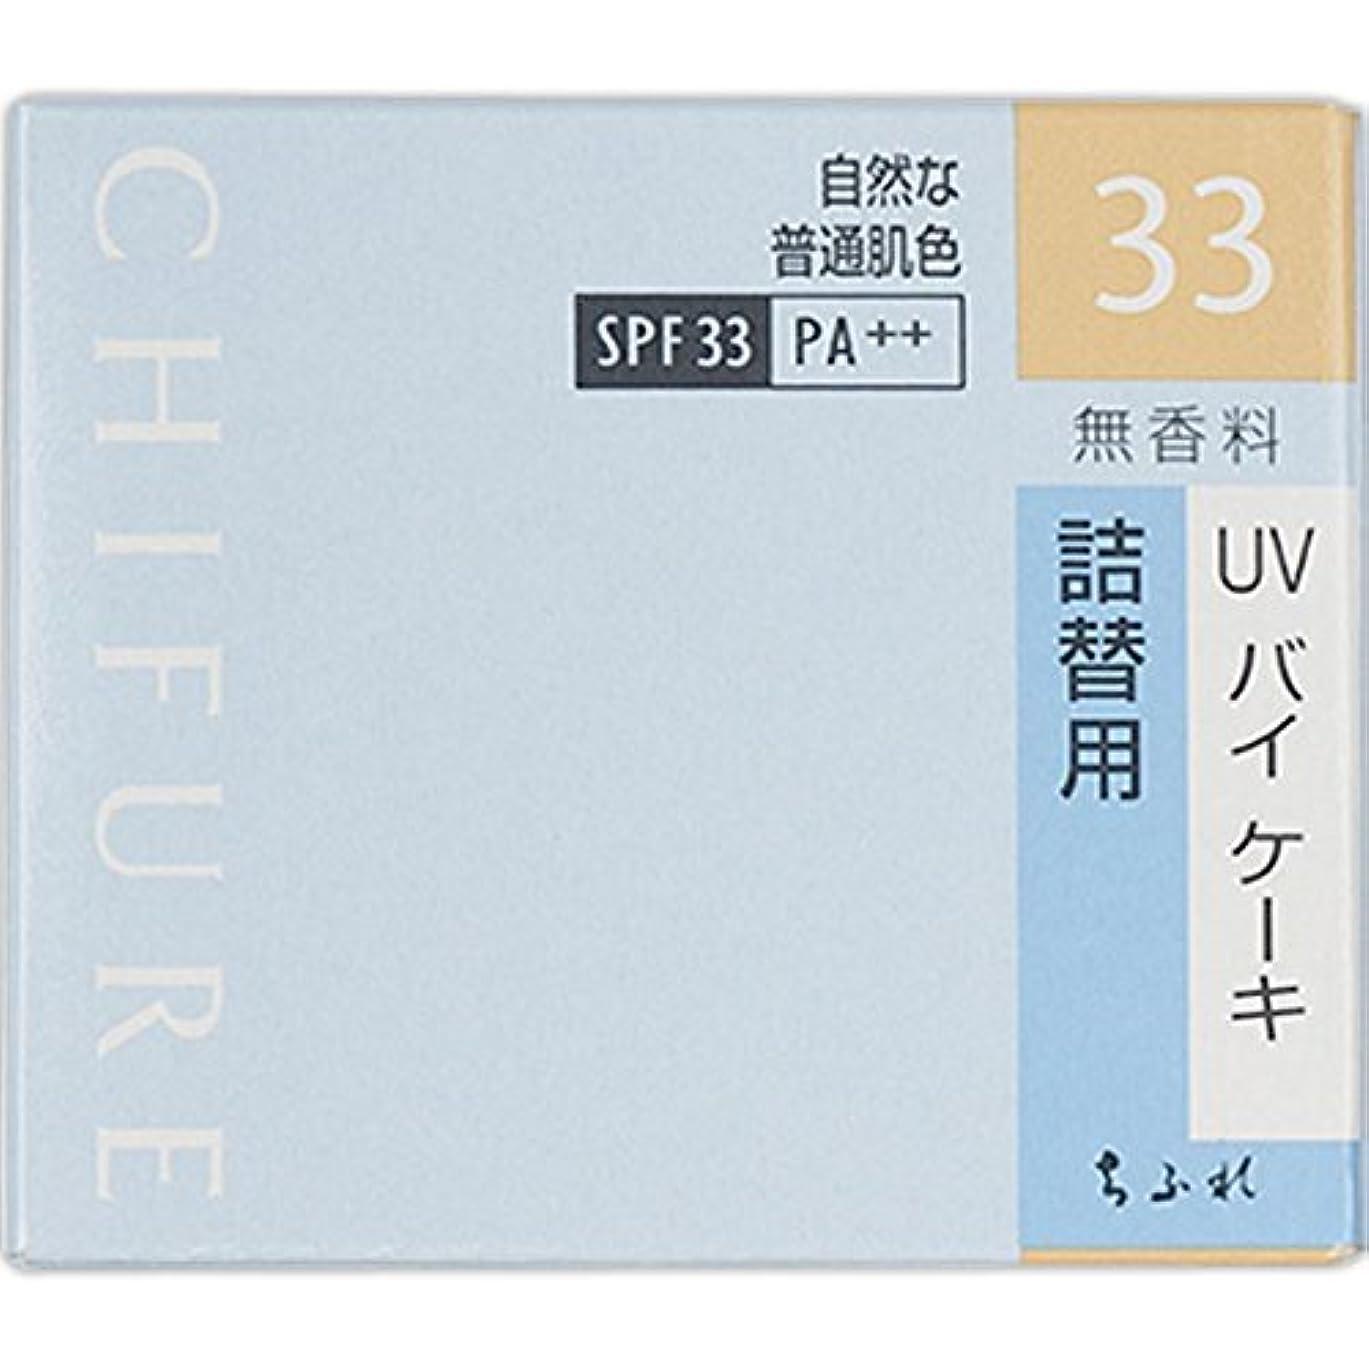 スリム取り囲む福祉ちふれ化粧品 UV バイ ケーキ 詰替用 33 自然な普通肌色 14g